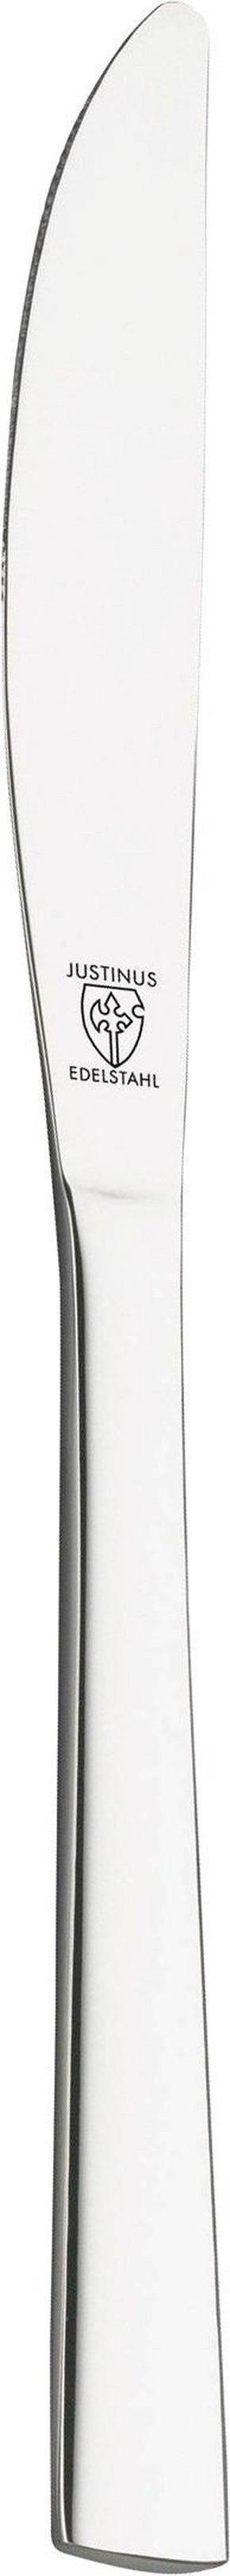 KNIV - silver, Basics, metall (22.6/0.19/0.07cm) - Justinus